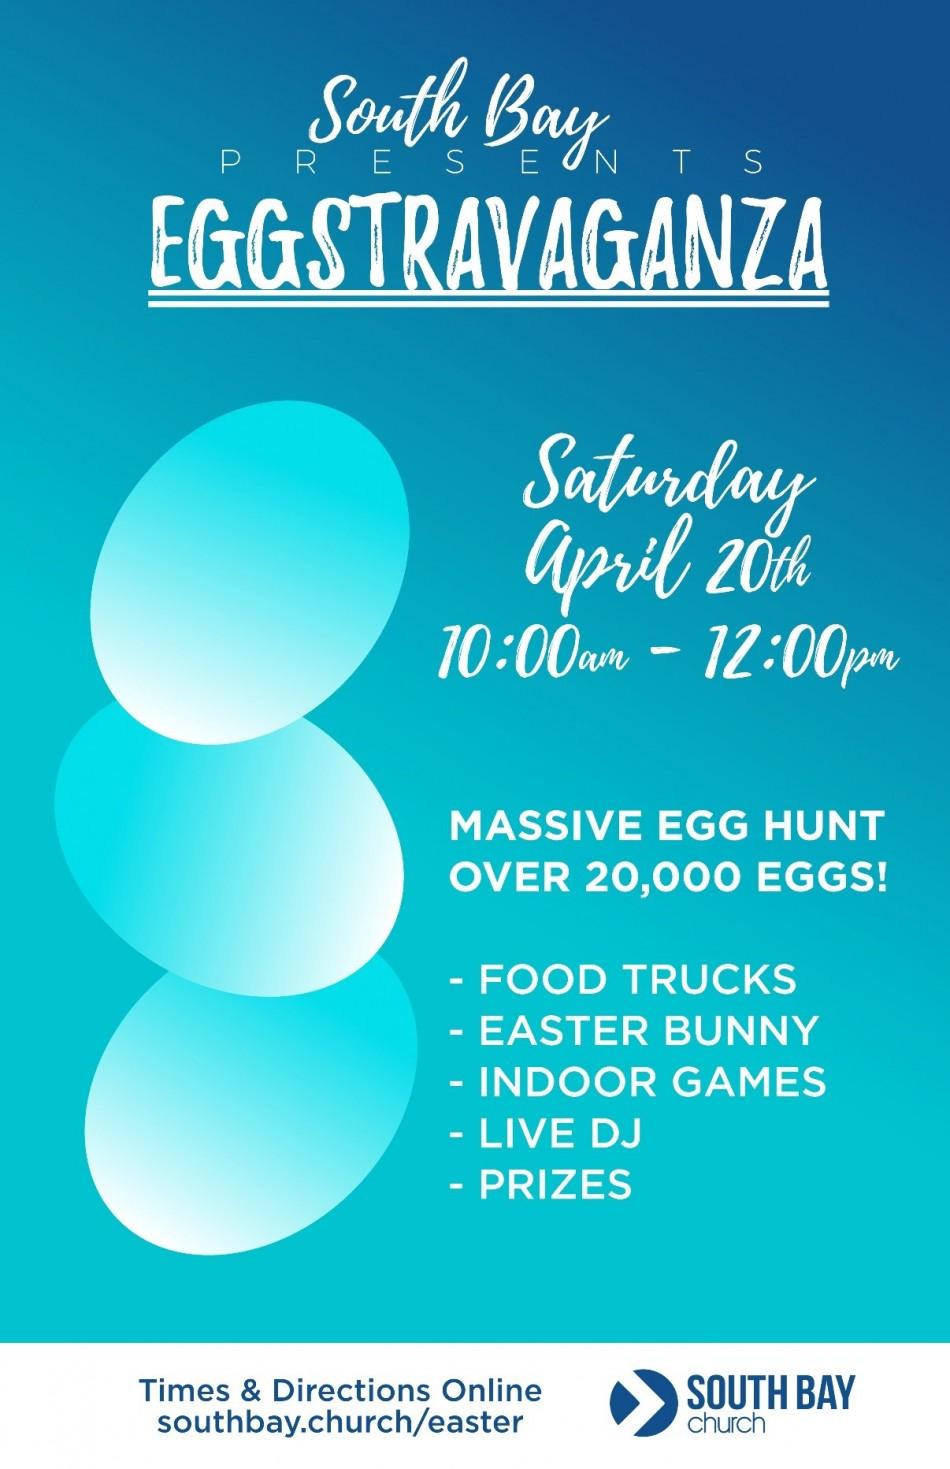 South Bay Church Eggstravaganza 2019